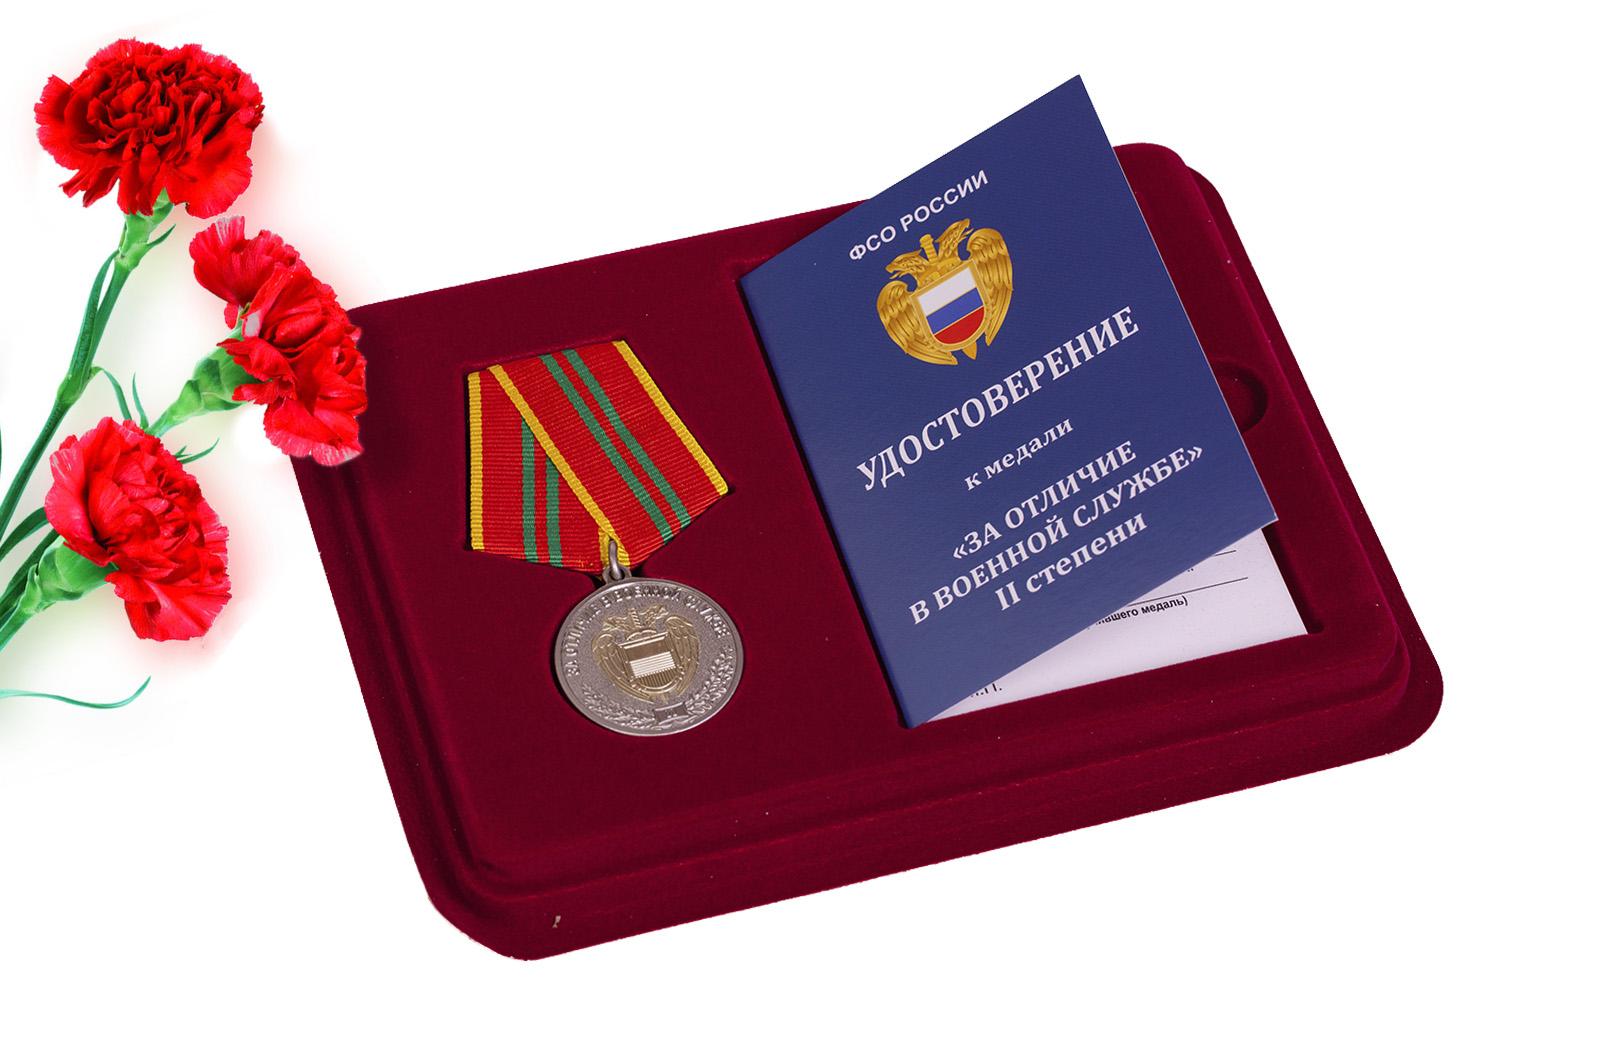 Купить медаль ФСО РФ За отличие в военной службе 2 степени по лучшей цене